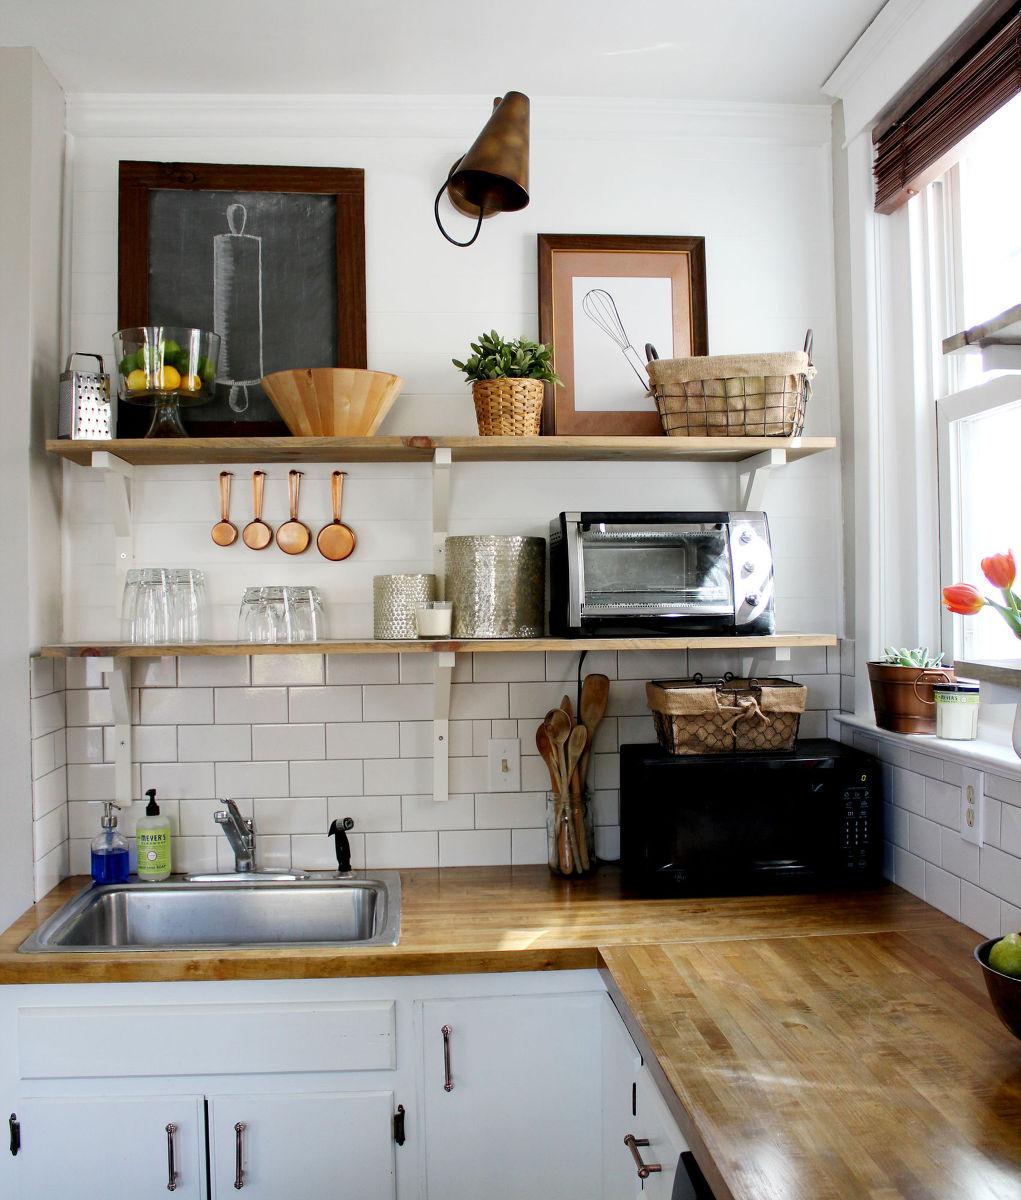 Thiết kế phòng bếp thêm đẹp xinh